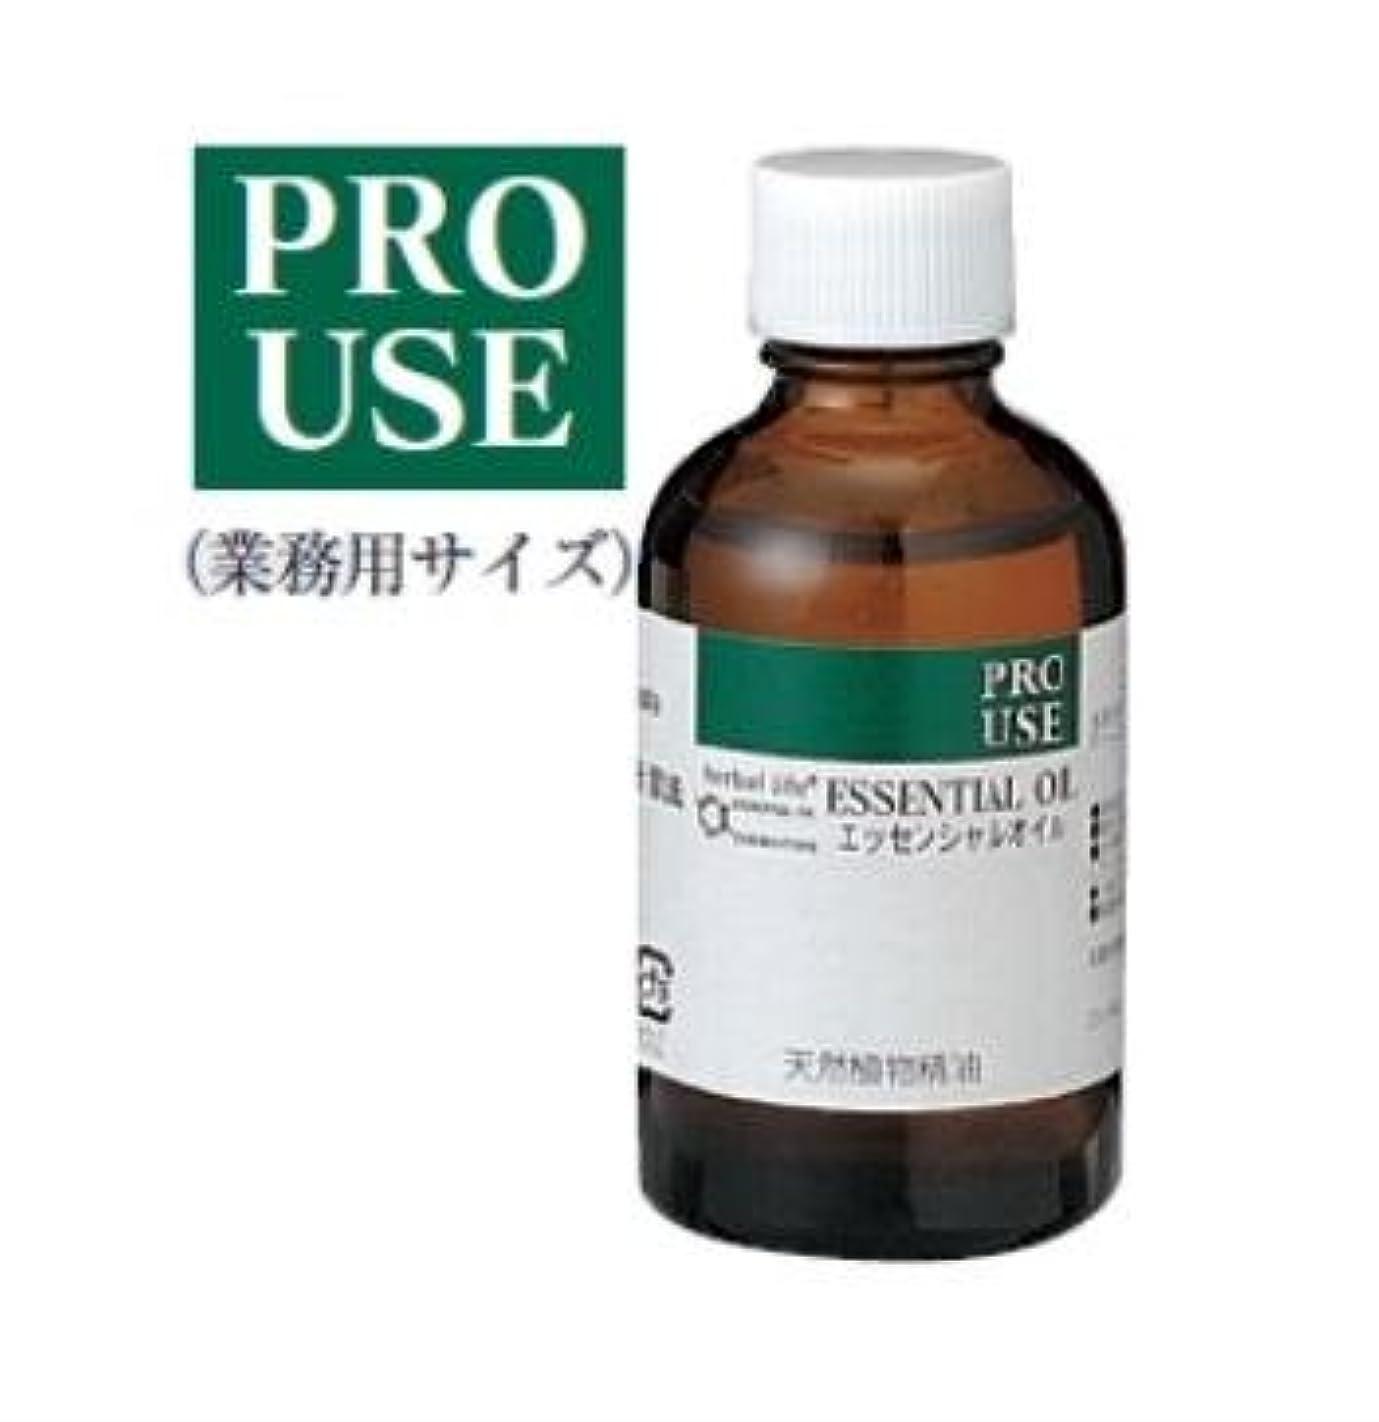 規制するショッキング素朴な生活の木 エッセンシャルオイル ゼラニウム 精油 50ml アロマオイル アロマ